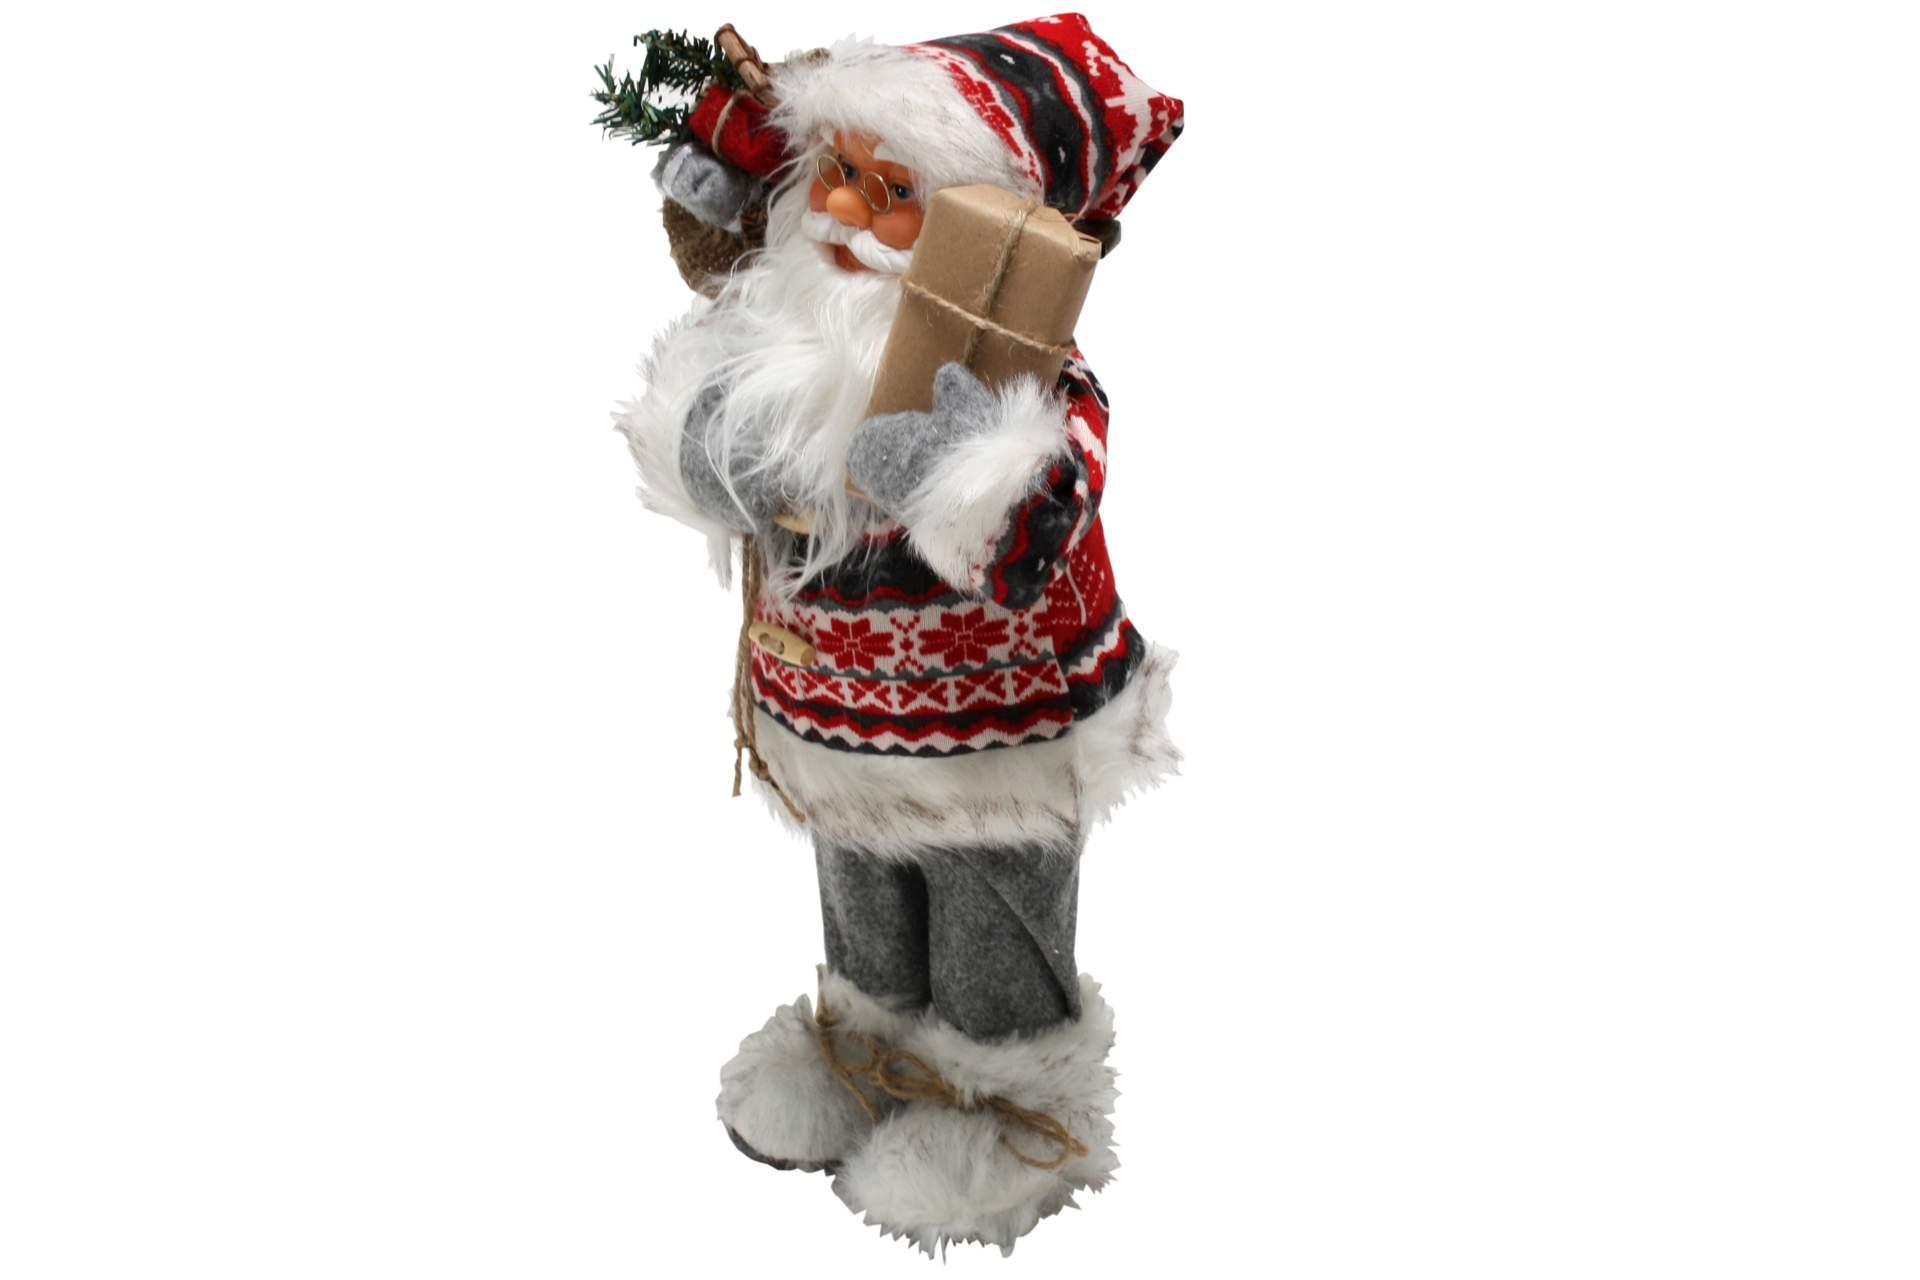 santa claus nikolaus deko figur weihnachtsmann 40 cm nordisch grau mit paket neu ebay. Black Bedroom Furniture Sets. Home Design Ideas